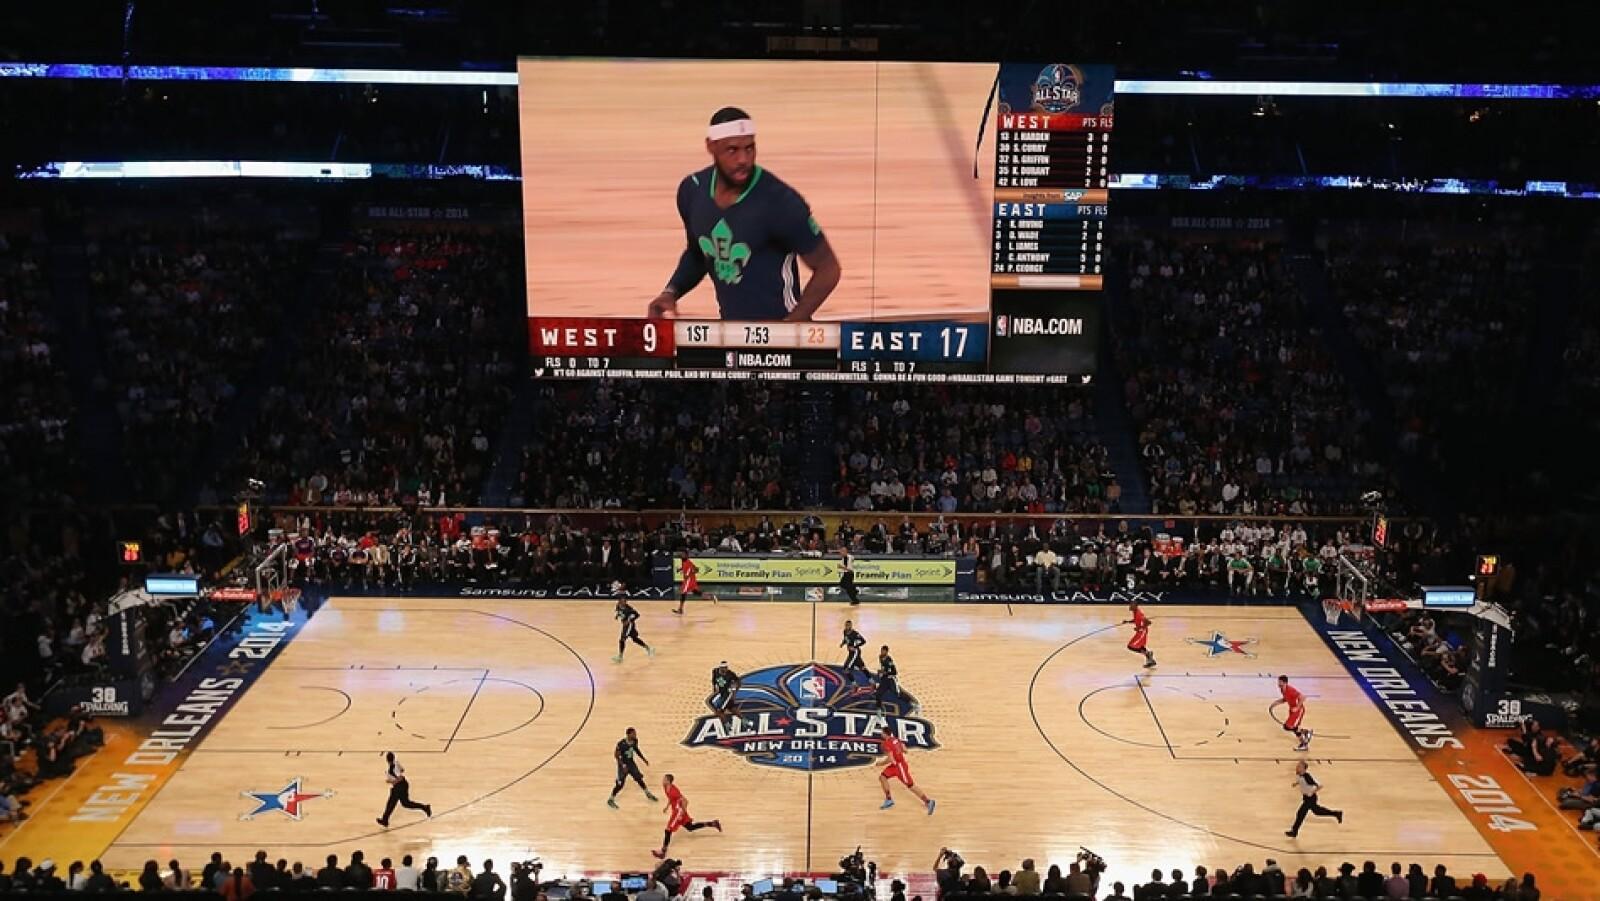 basquetbol, juego de estrellas, jugador, valioso, anotador, encestador, nueva orleans, este, oeste